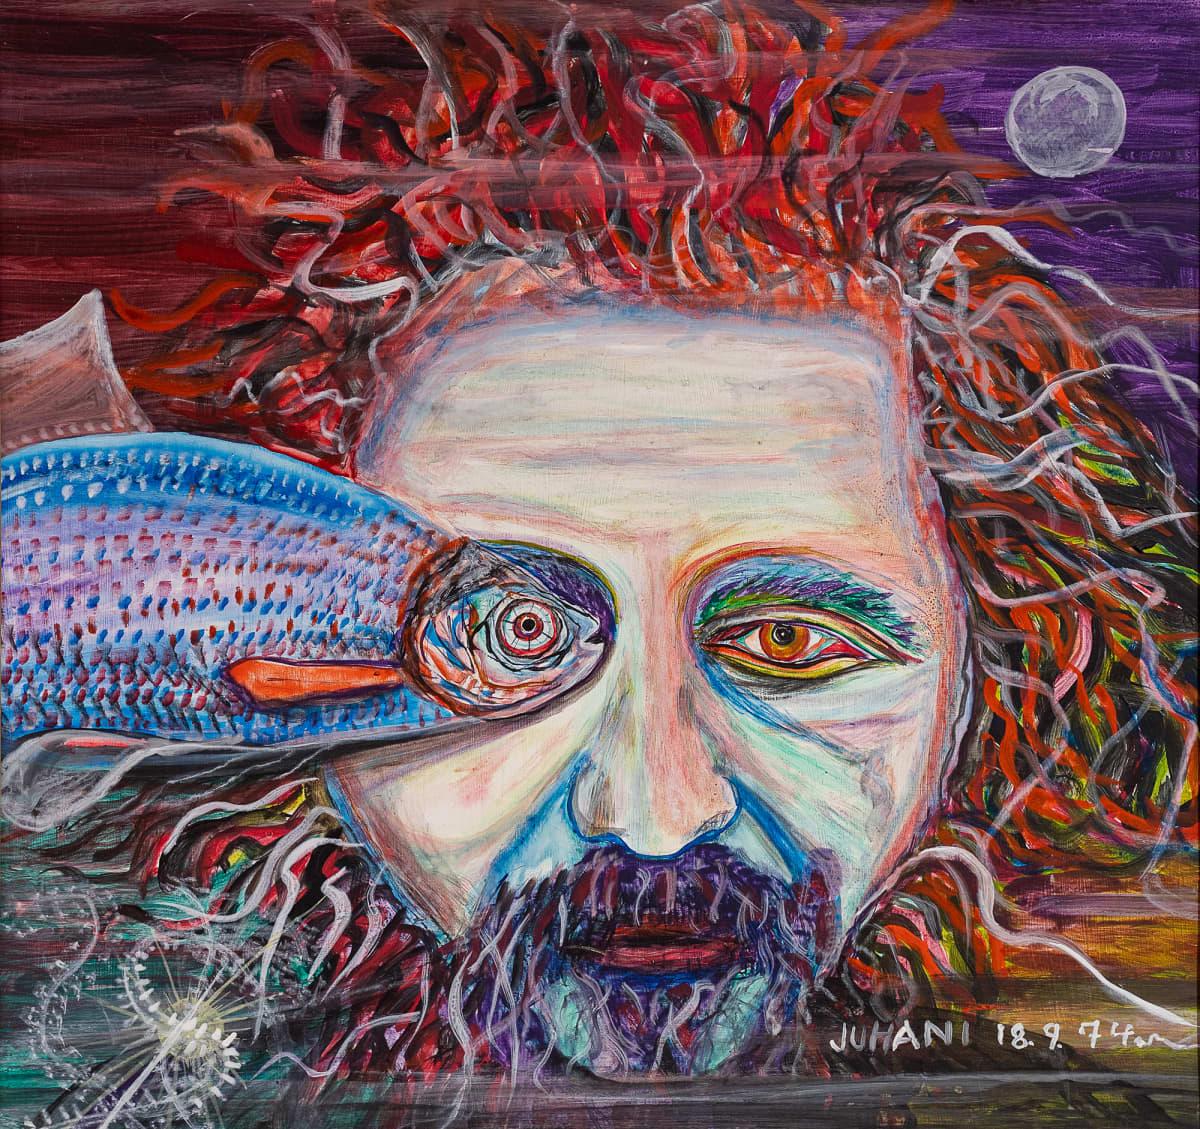 Taidemaalaus, jossa miehen kasvot ja kala, joka ui juuri toisen miehen silmän kohdalla niin, että kalan silmä on miehen silmän tilalla.